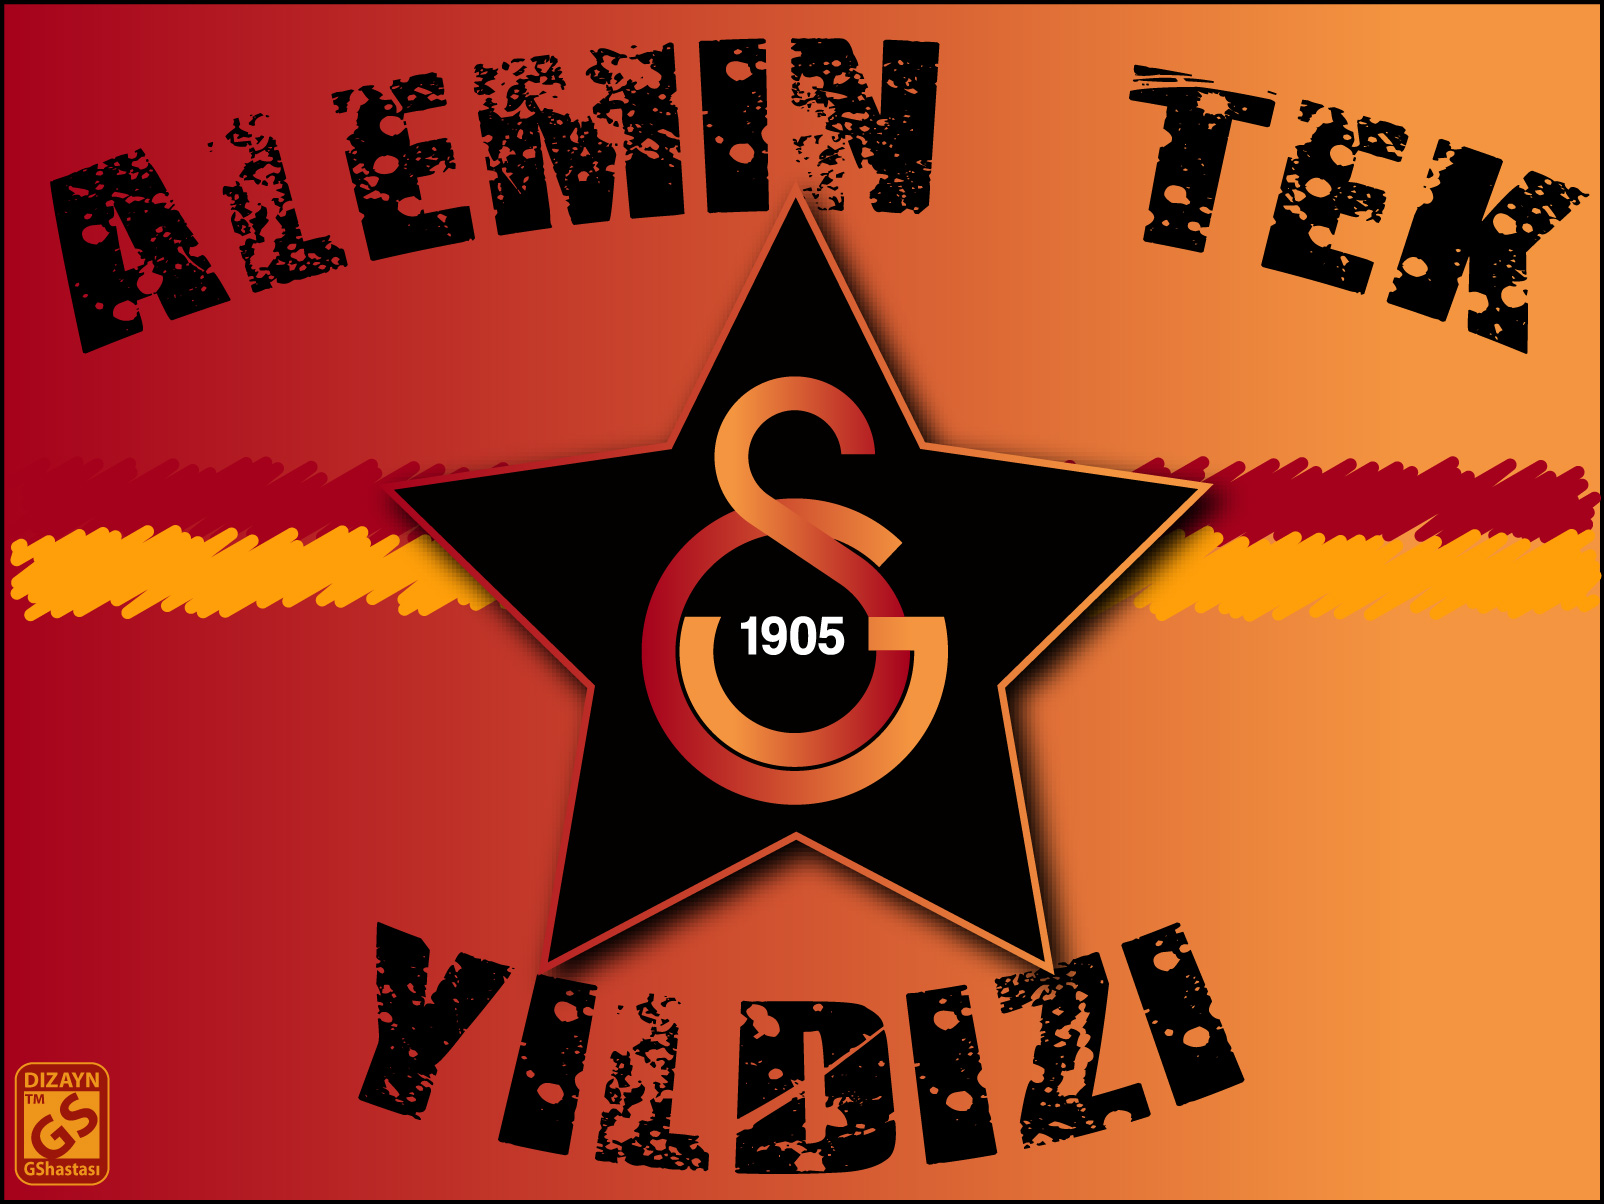 Tek Yildiz Galatasaray by GShastasi Galatasaray HD masaüstü duvar kağıdı resimleri